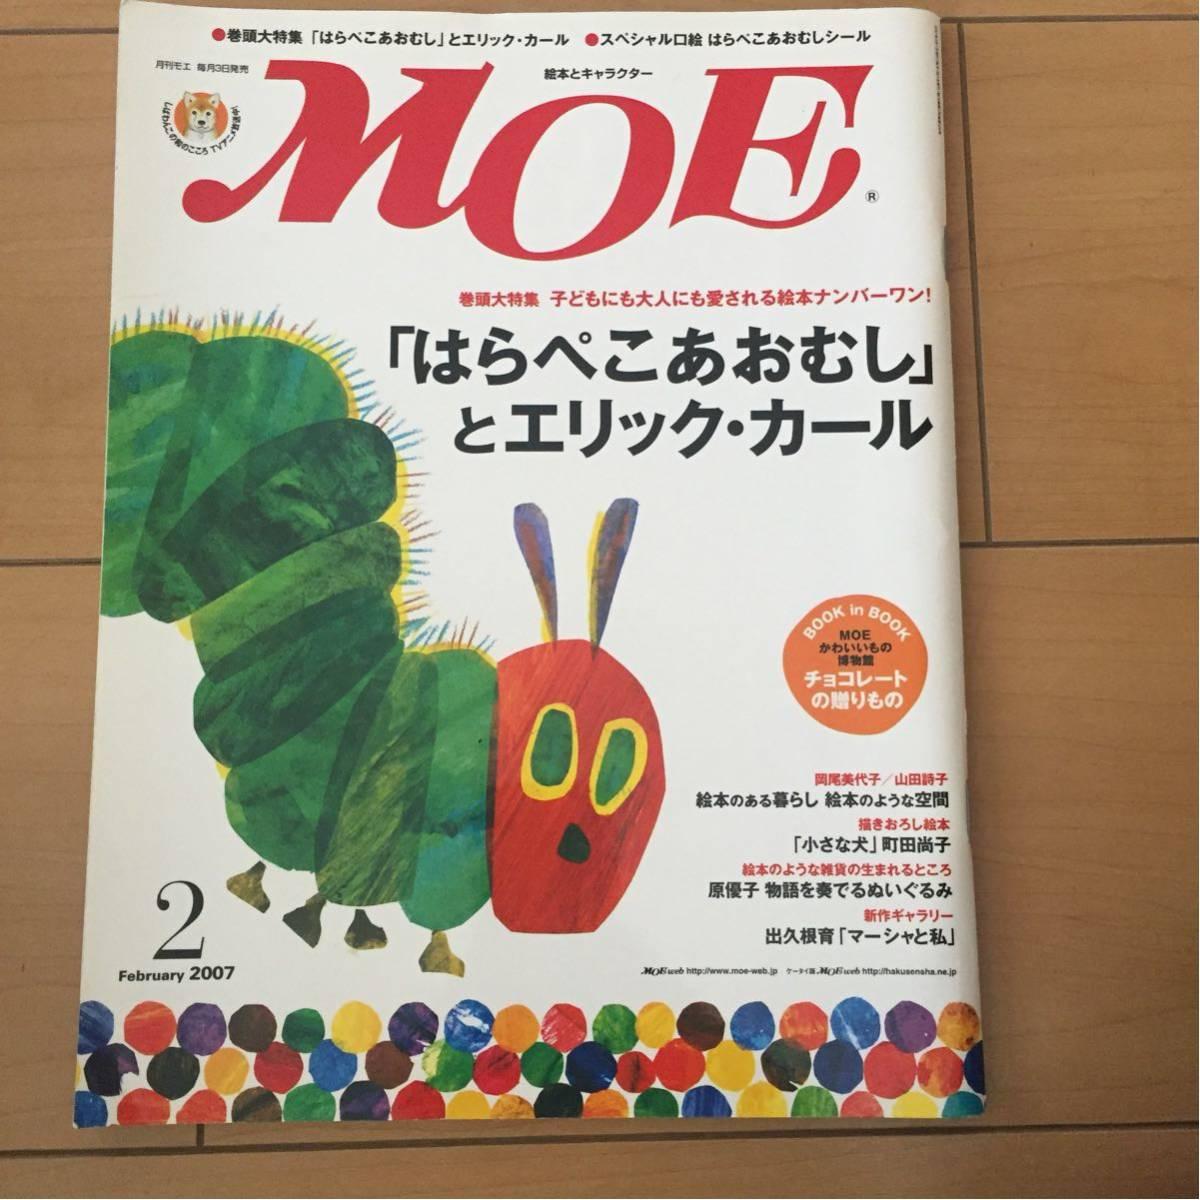 MOE 2007.2月号 はらぺこあおむしとエリックカール_画像1